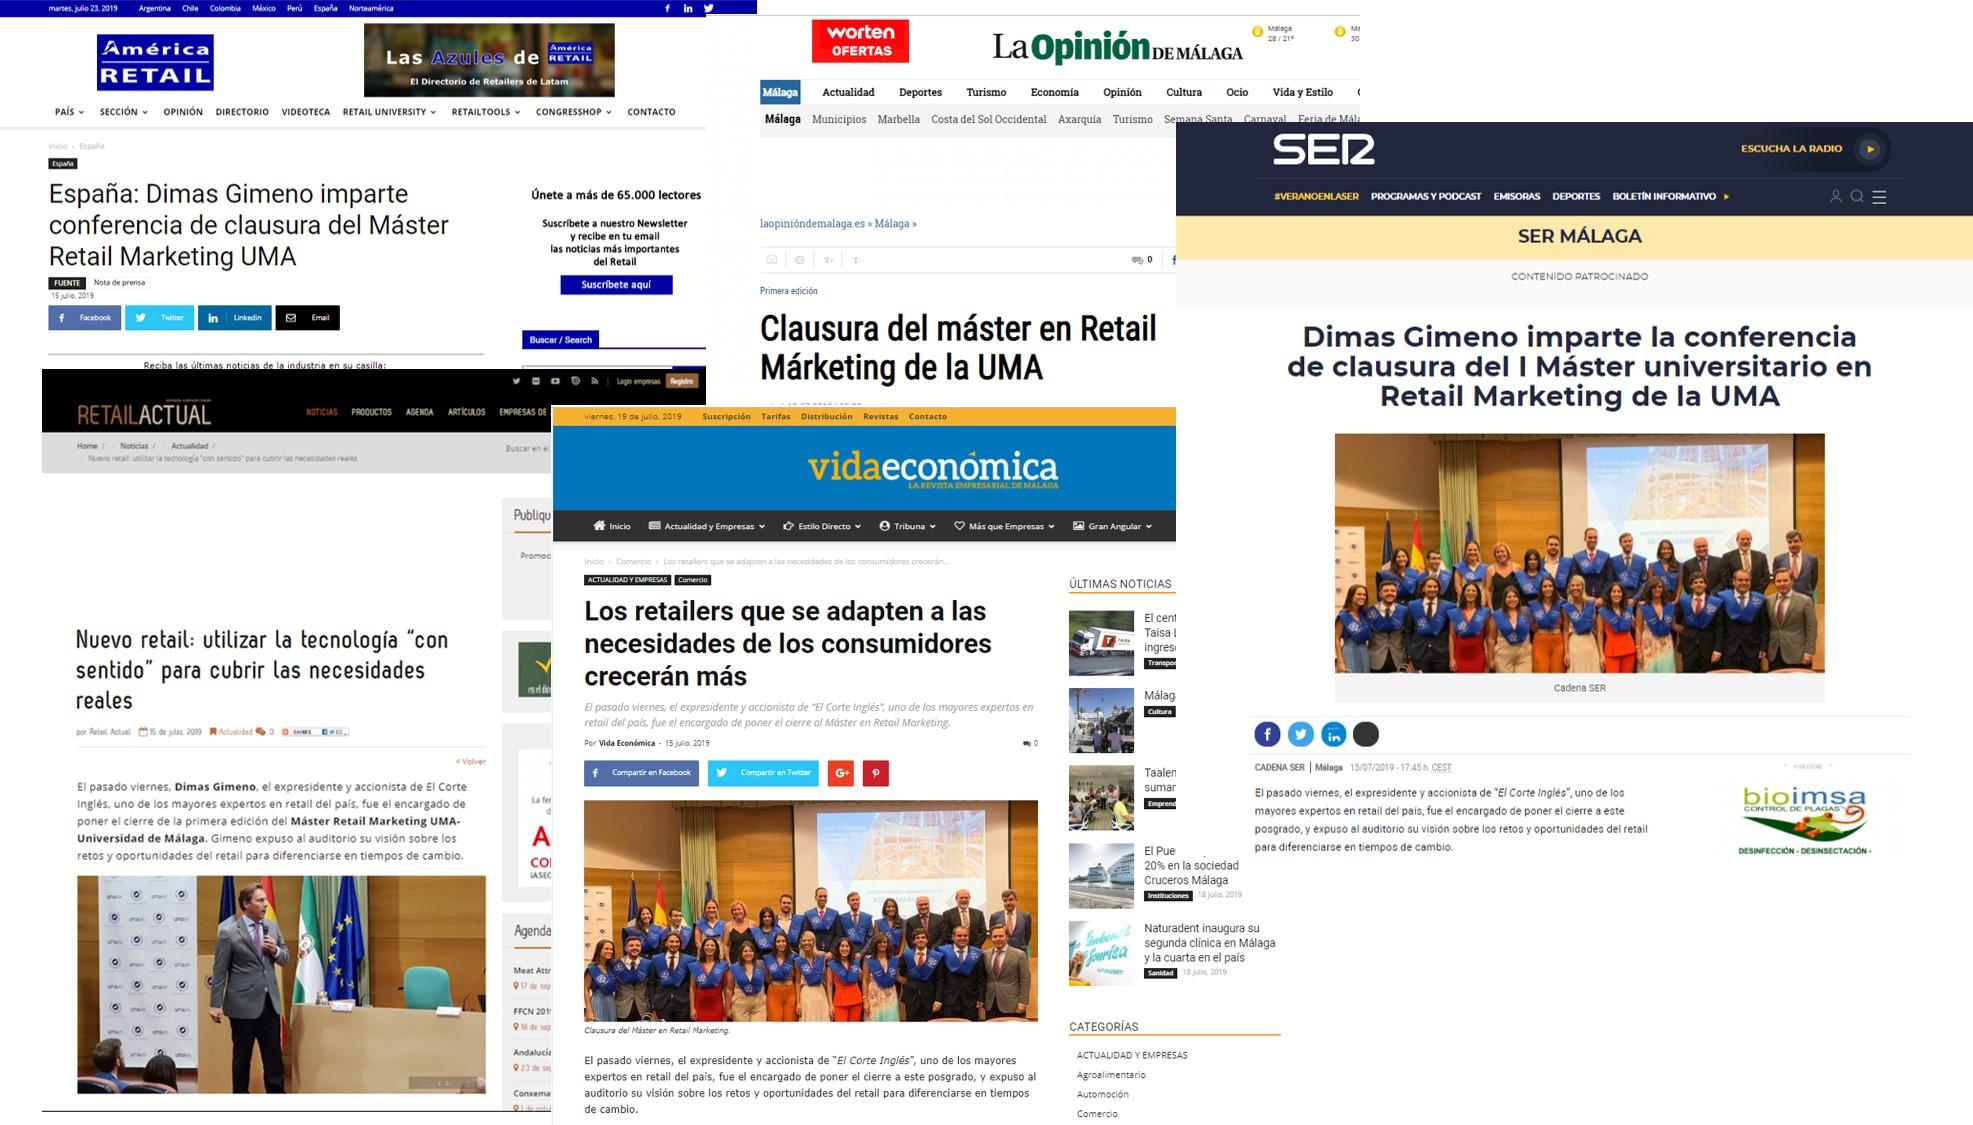 Medios de comunicación locales, nacionales e internacionales se hacen eco del acto de clausura de la I edición del máster y la conferencia a cargo de Dimas Gimeno